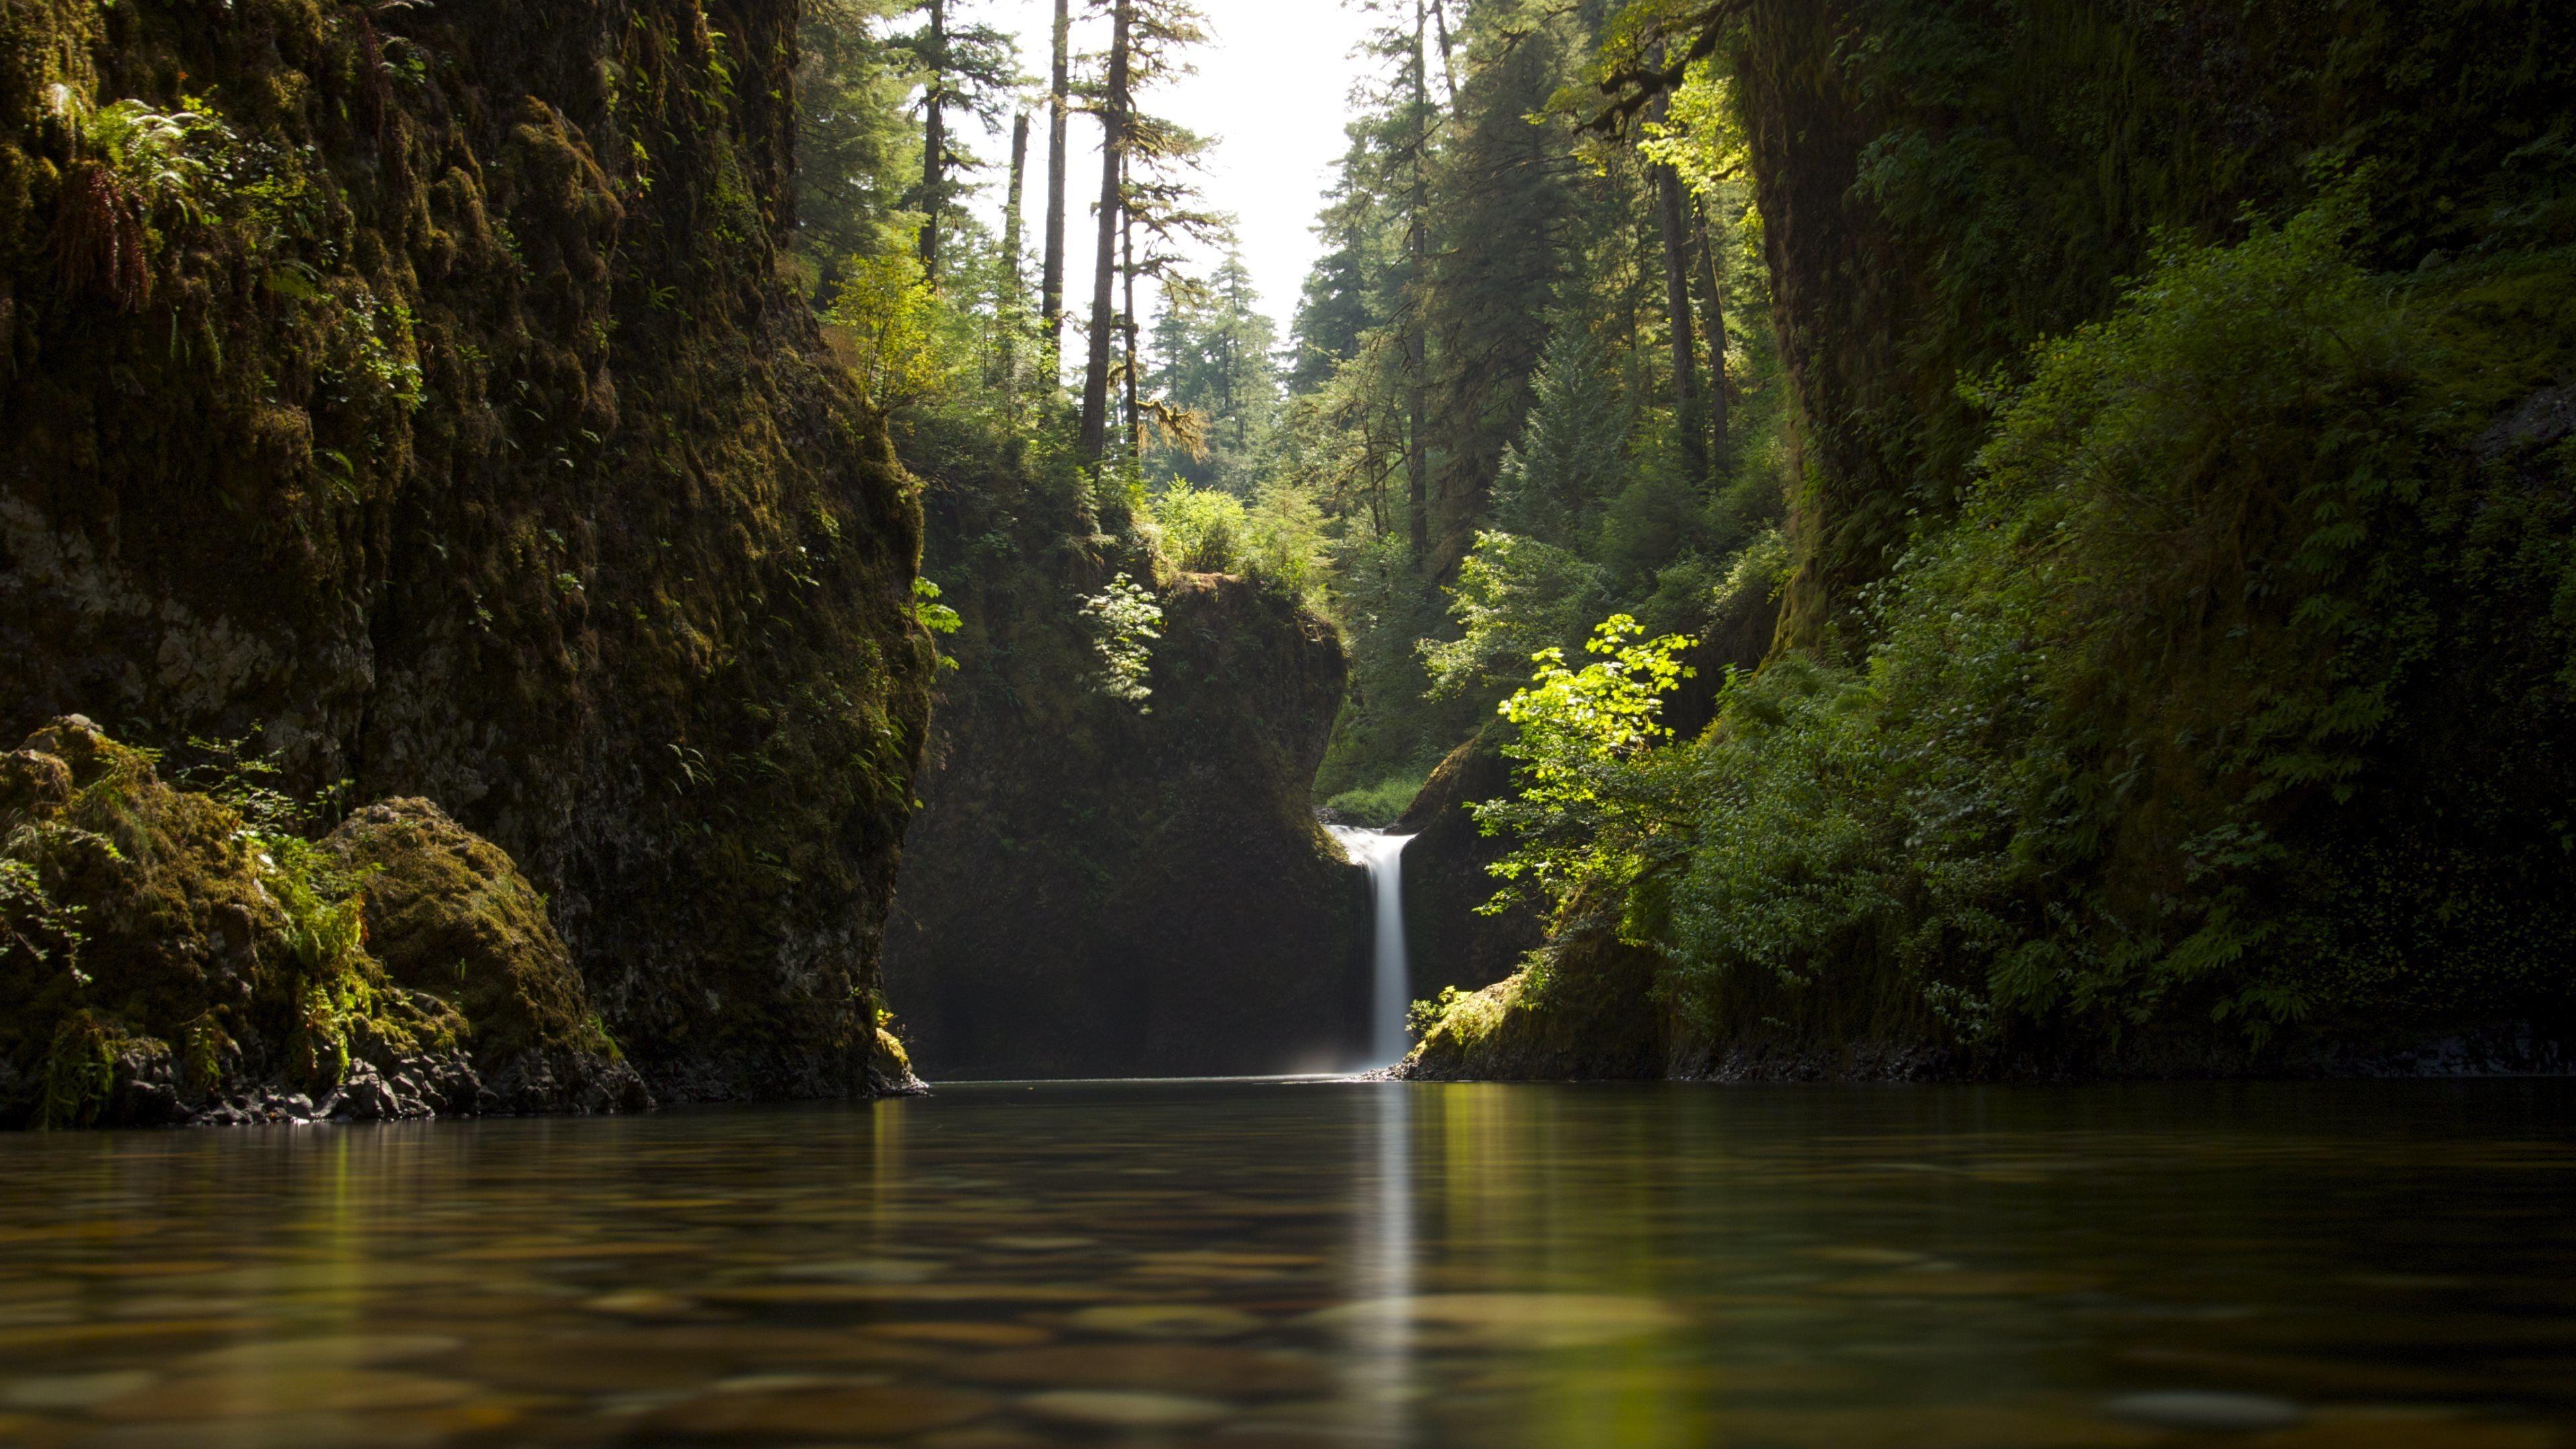 Hình nền phong cảnh thiên nhiên 4K